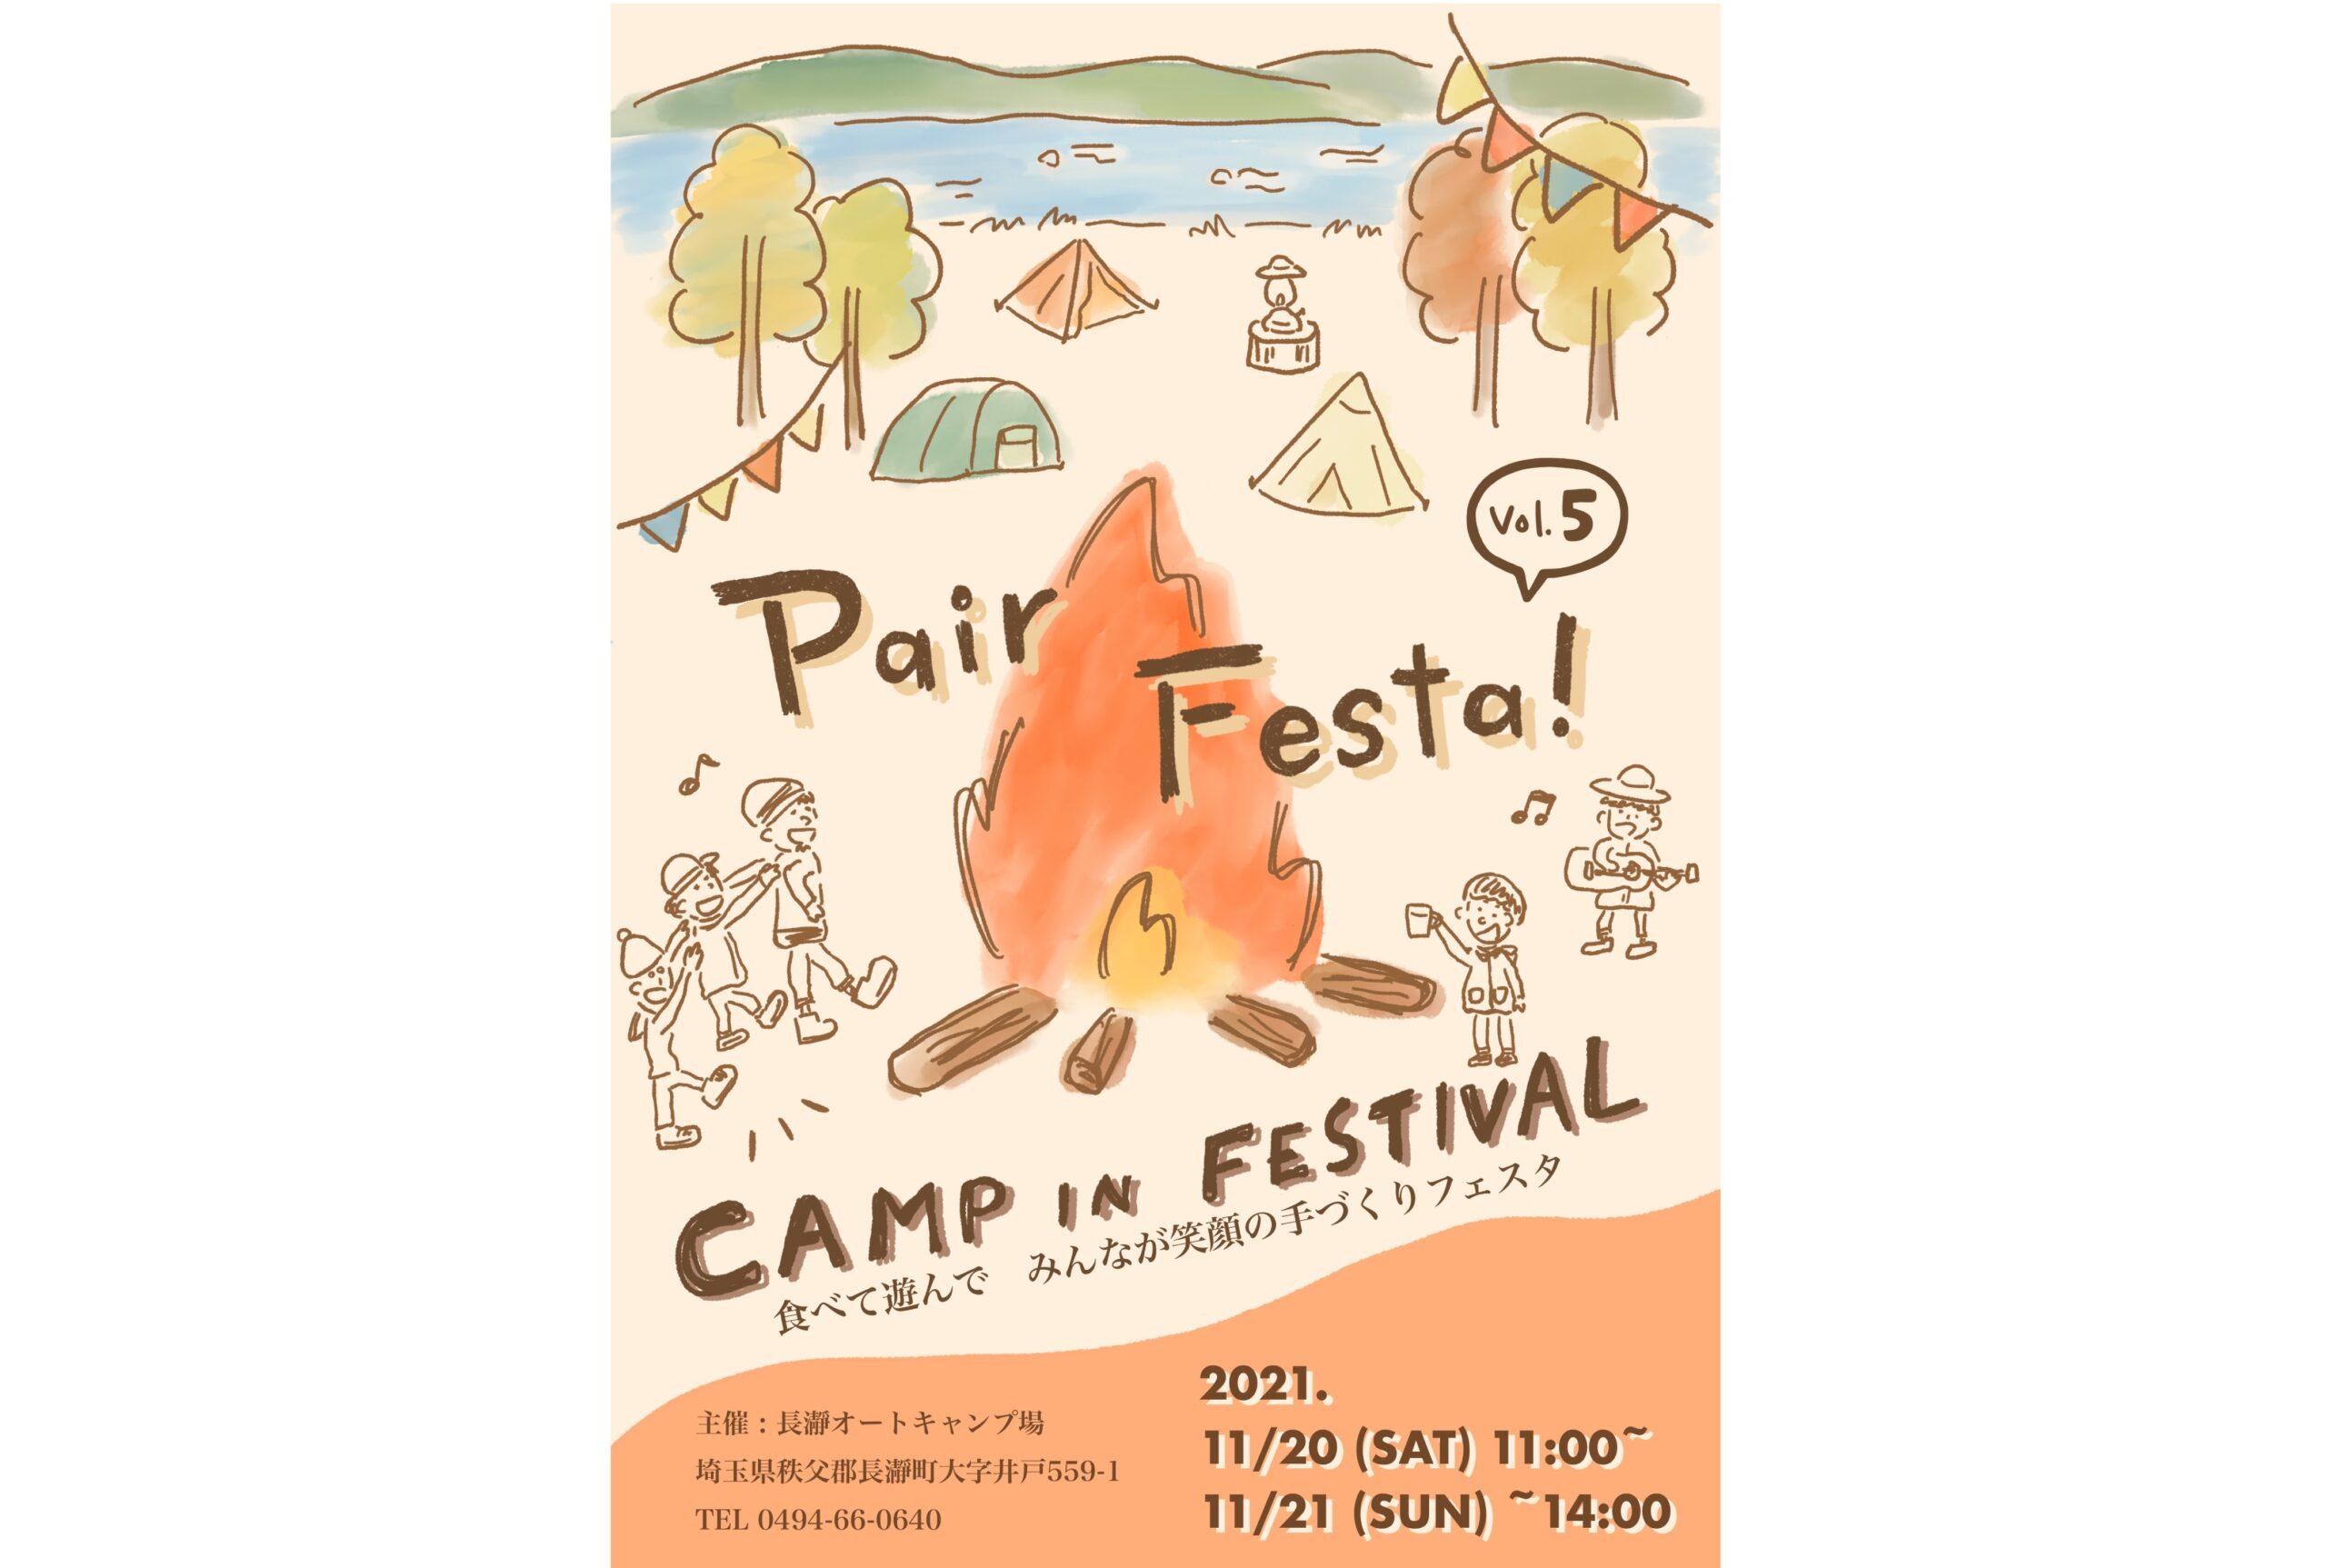 長瀞オートキャンプ場「ペアフェスタ Vol.5」イベントビジュアル イラストレーション